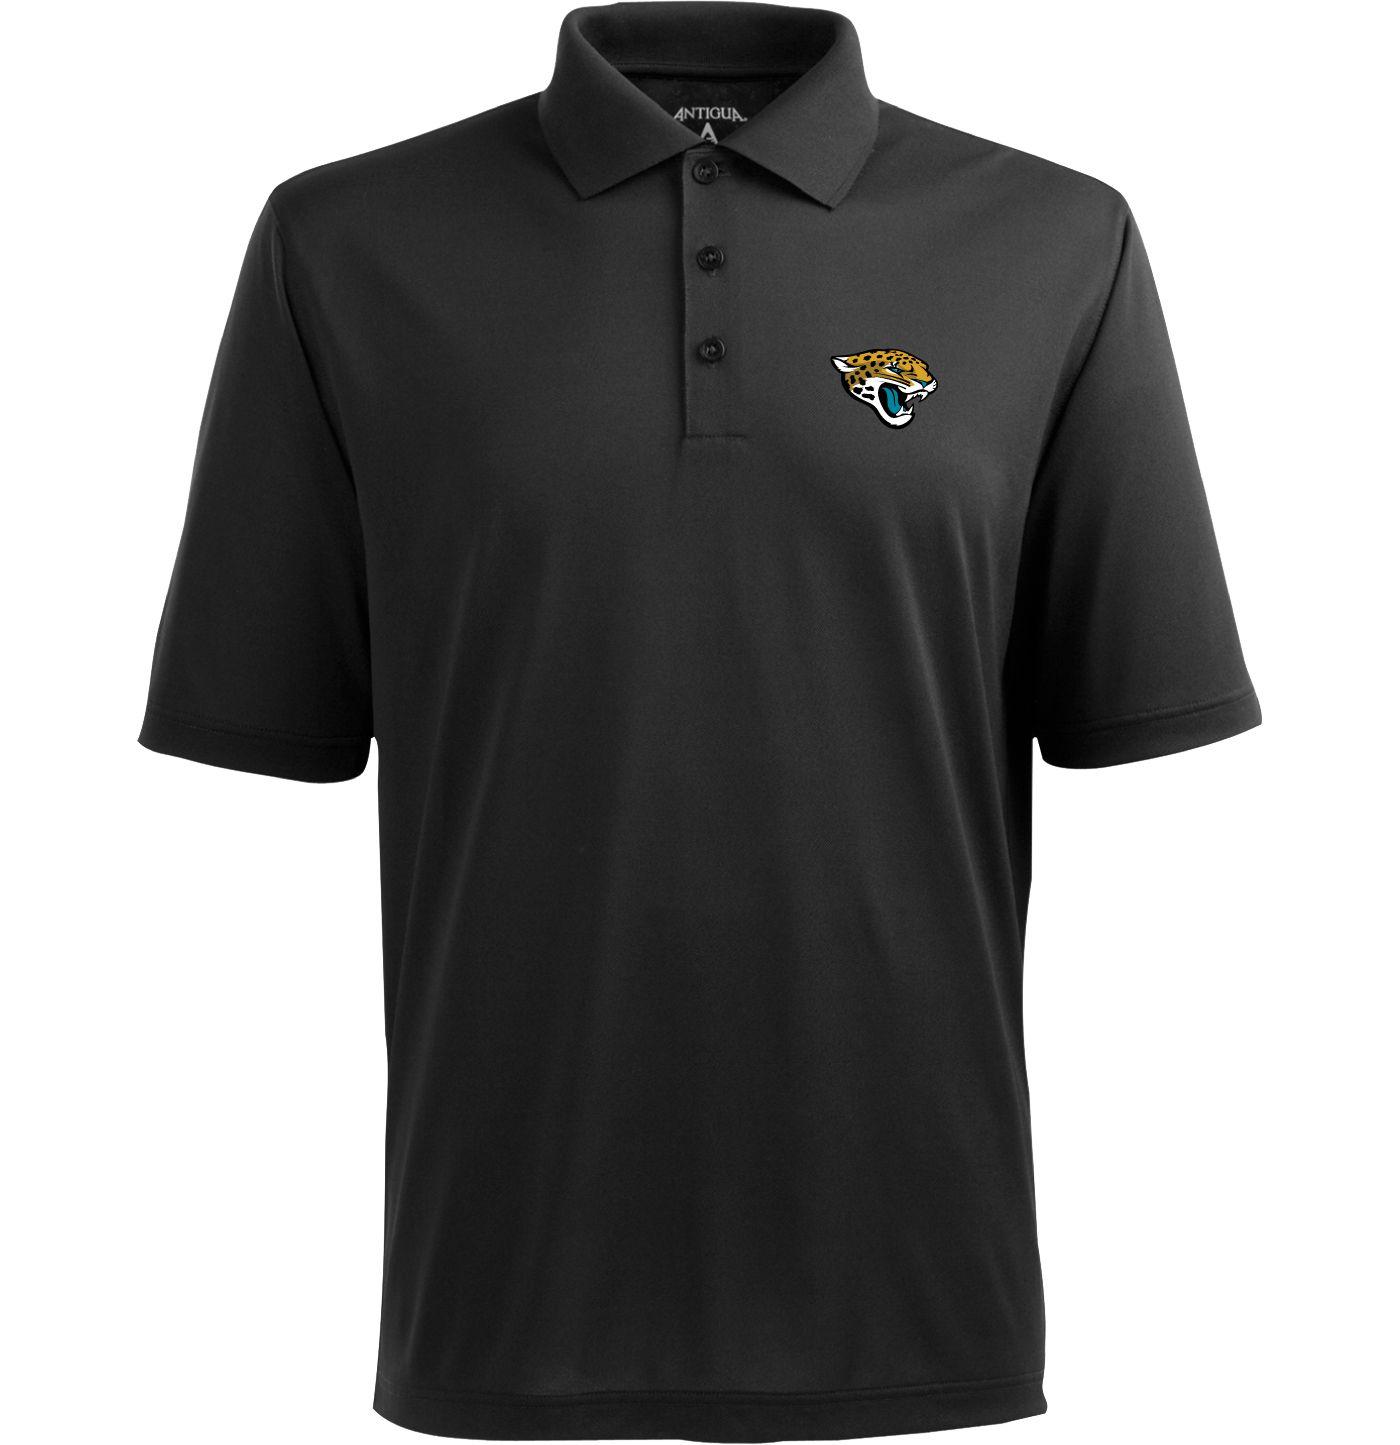 Antigua Men's Jacksonville Jaguars Pique Xtra-Lite Black Polo